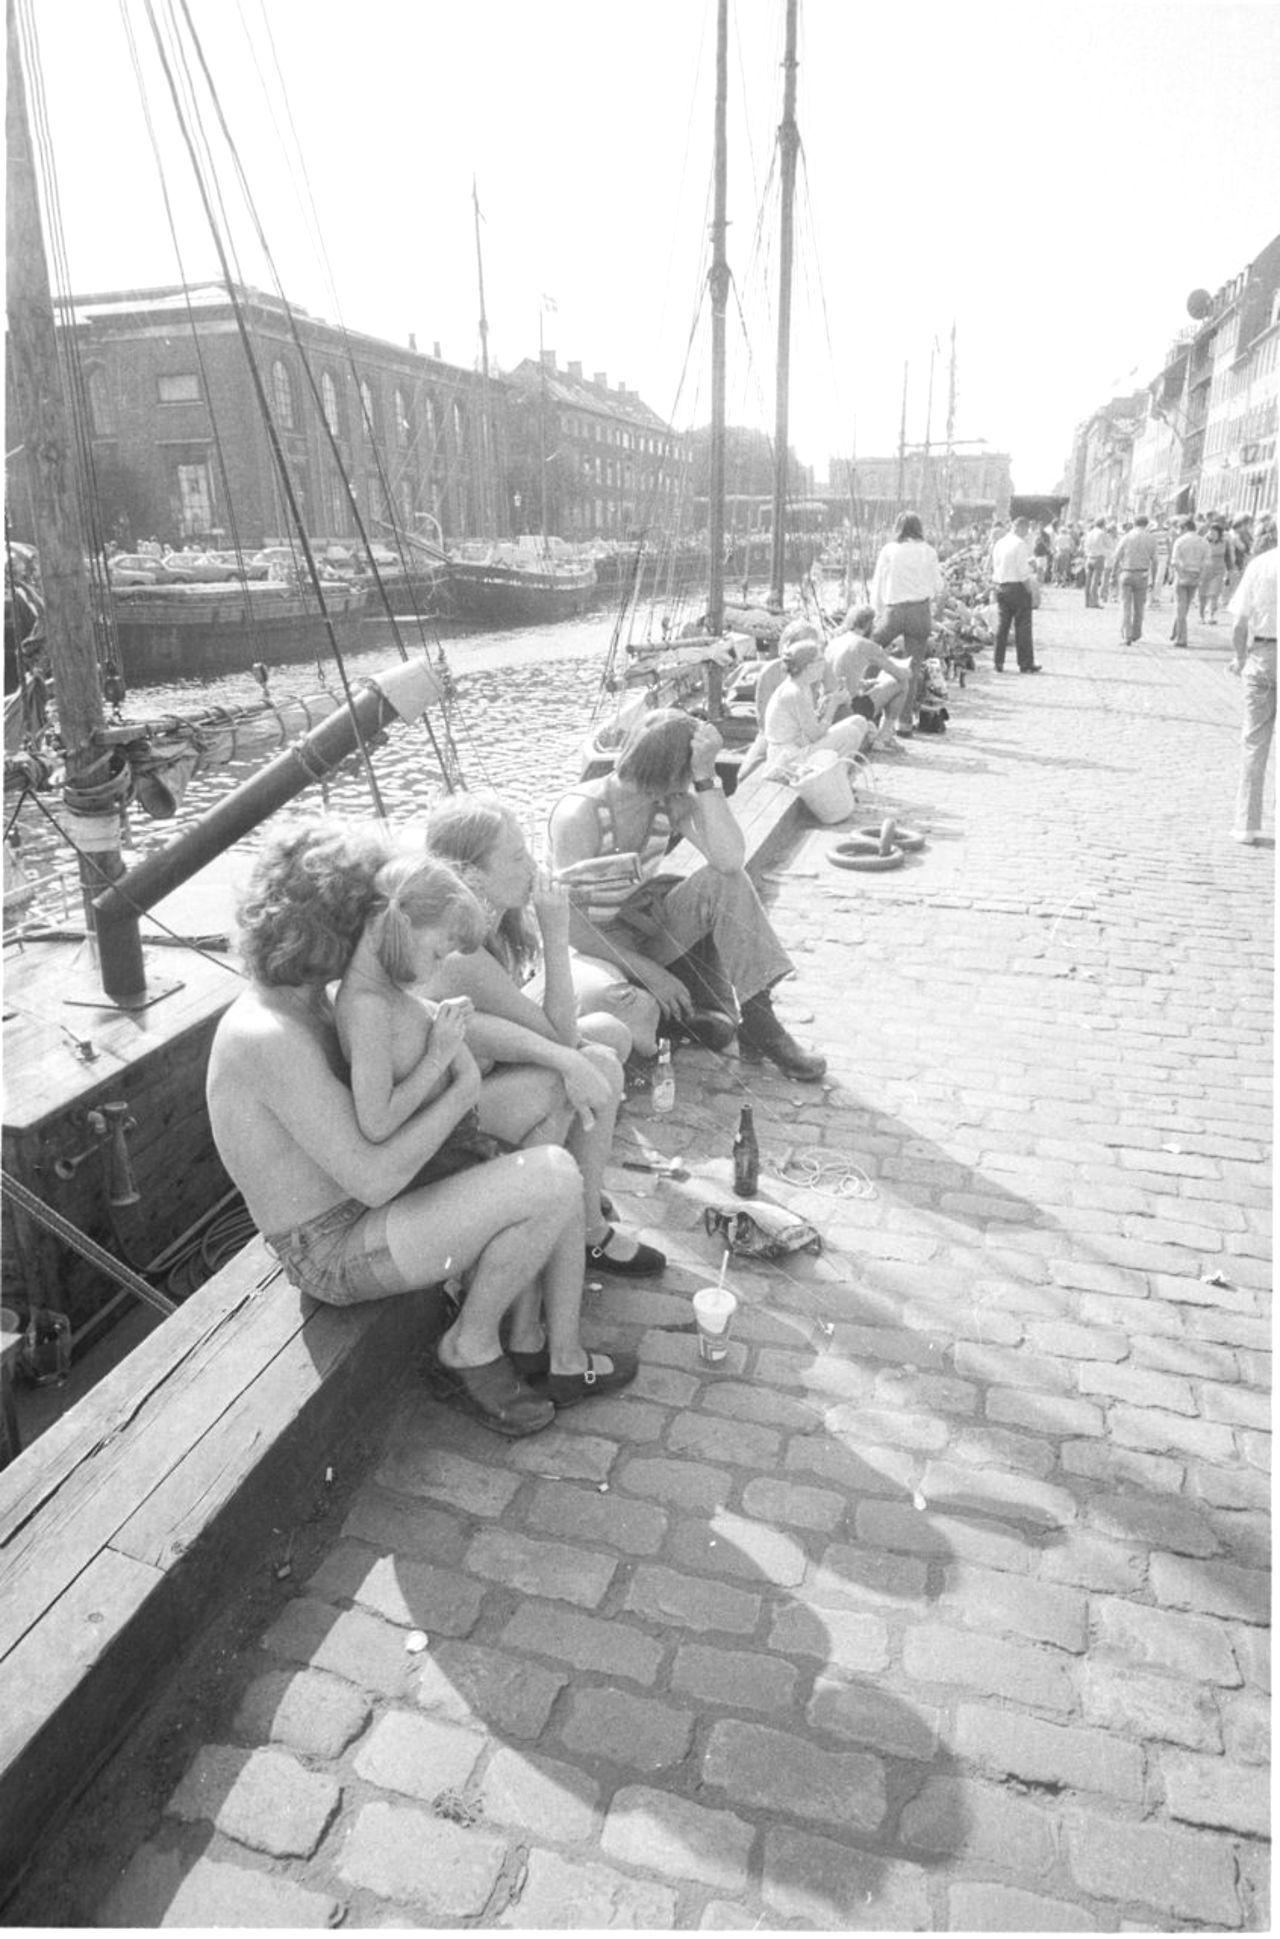 Herlige billeder: Sol og sommer i gamle dage i København - Byliv | www.aok.dk